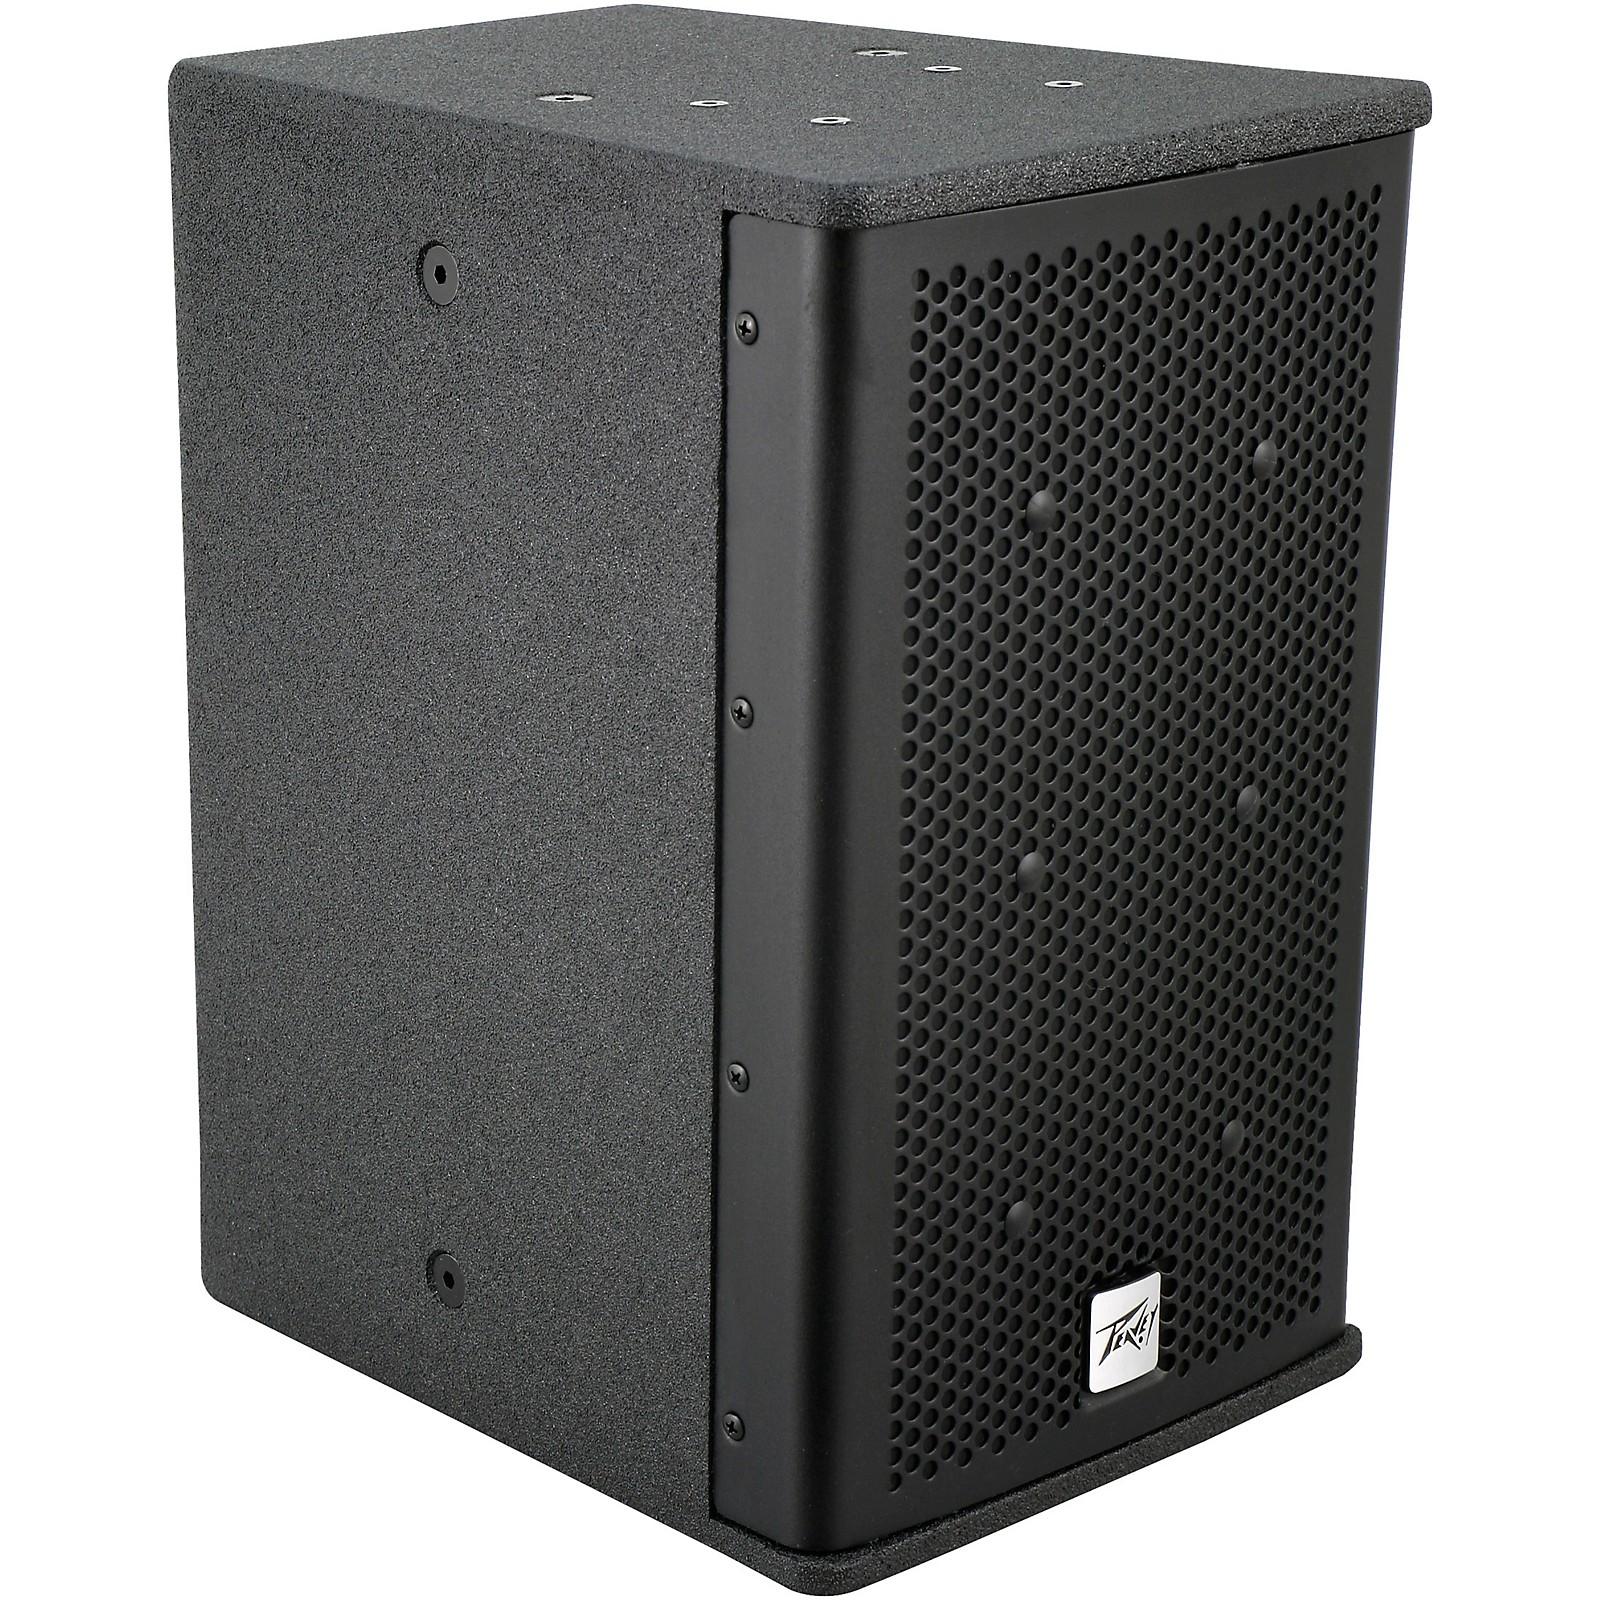 Peavey Elements 108C 8 in. Passive Weatherproof Loudspeaker